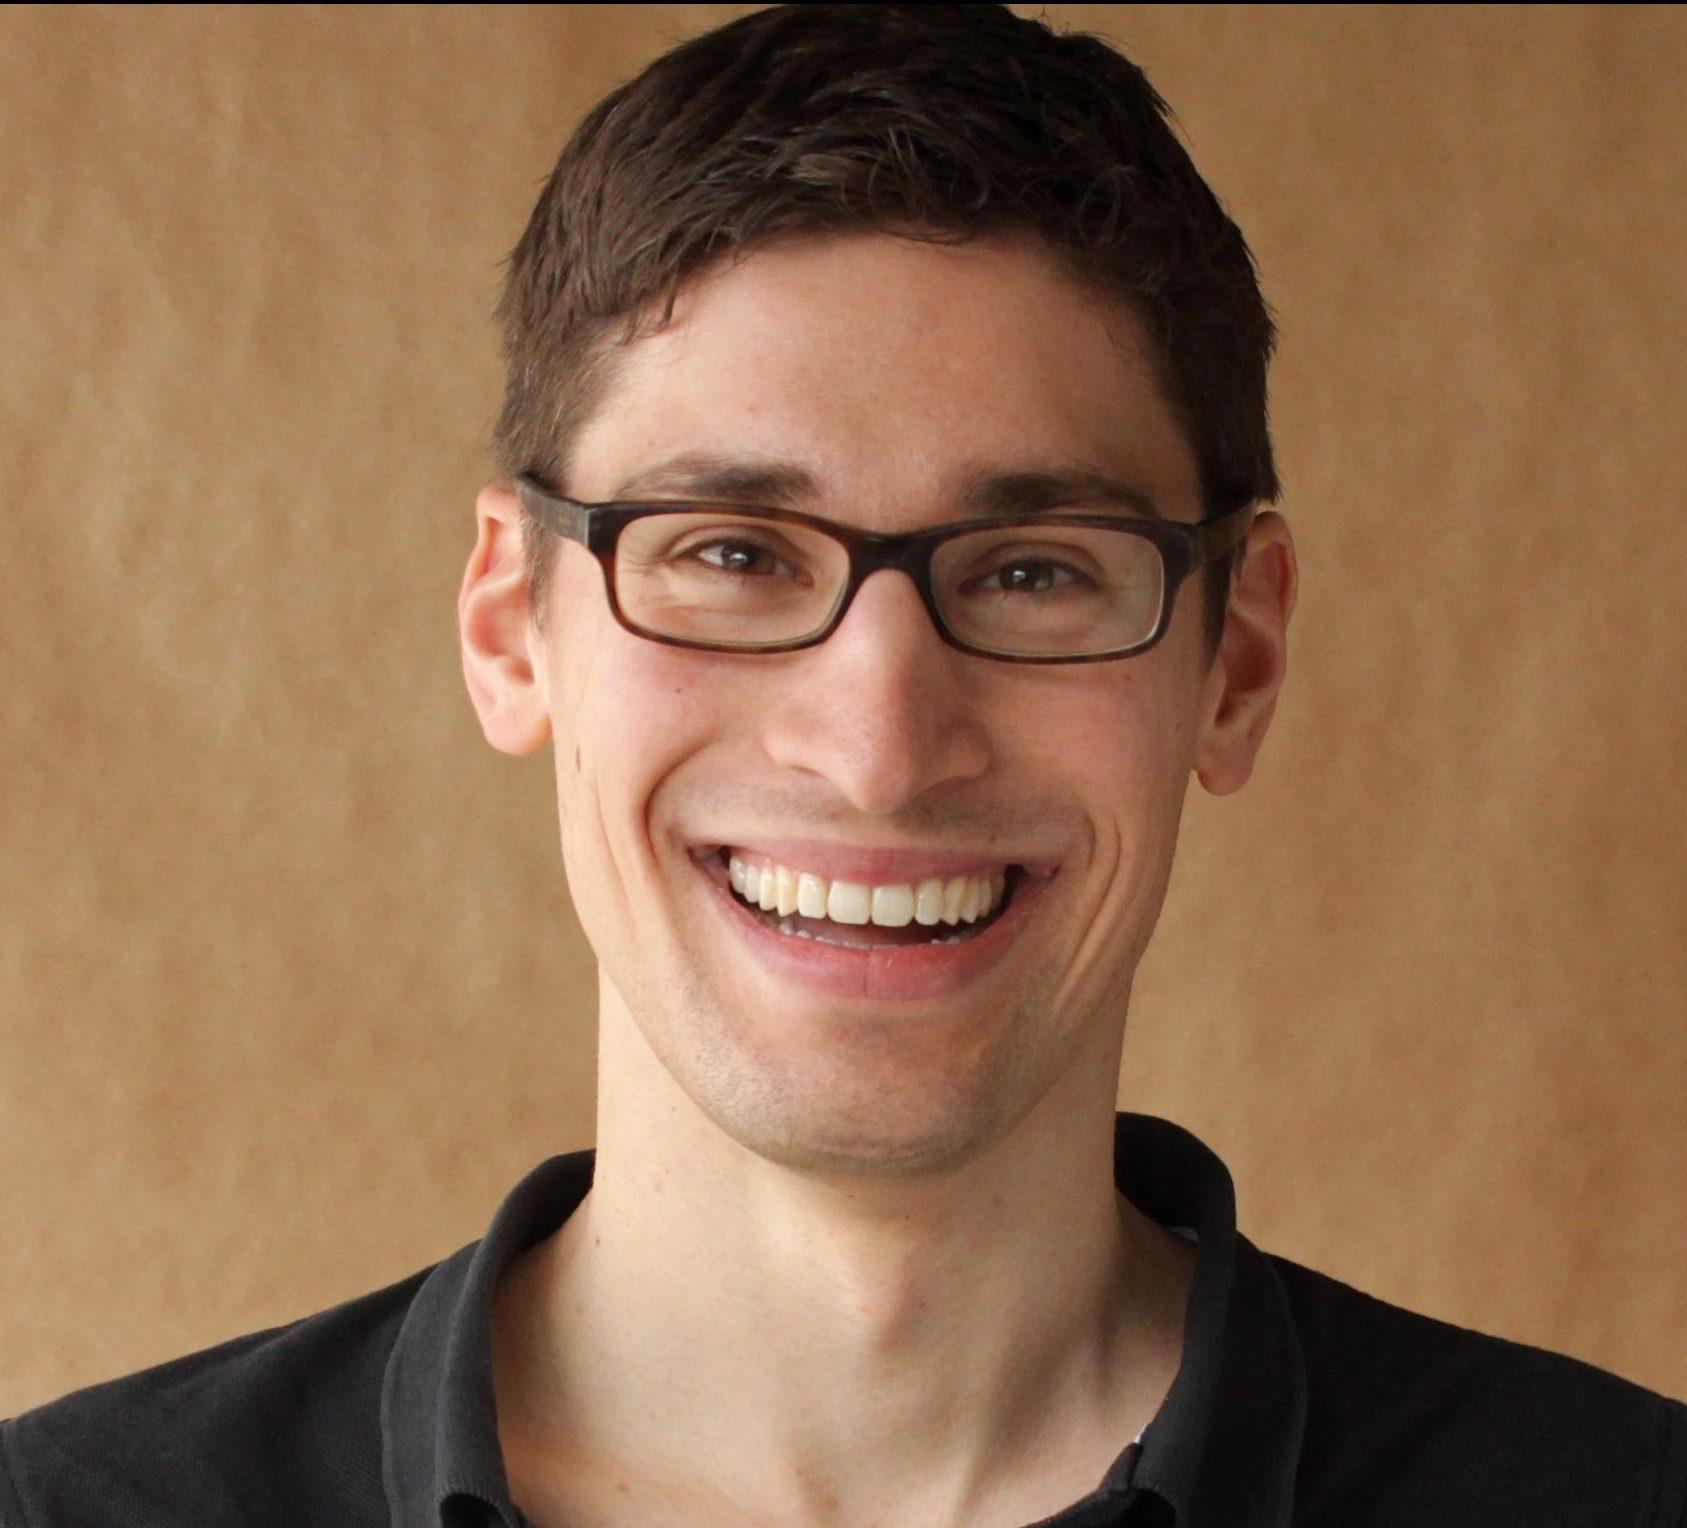 Christian Bärtsch